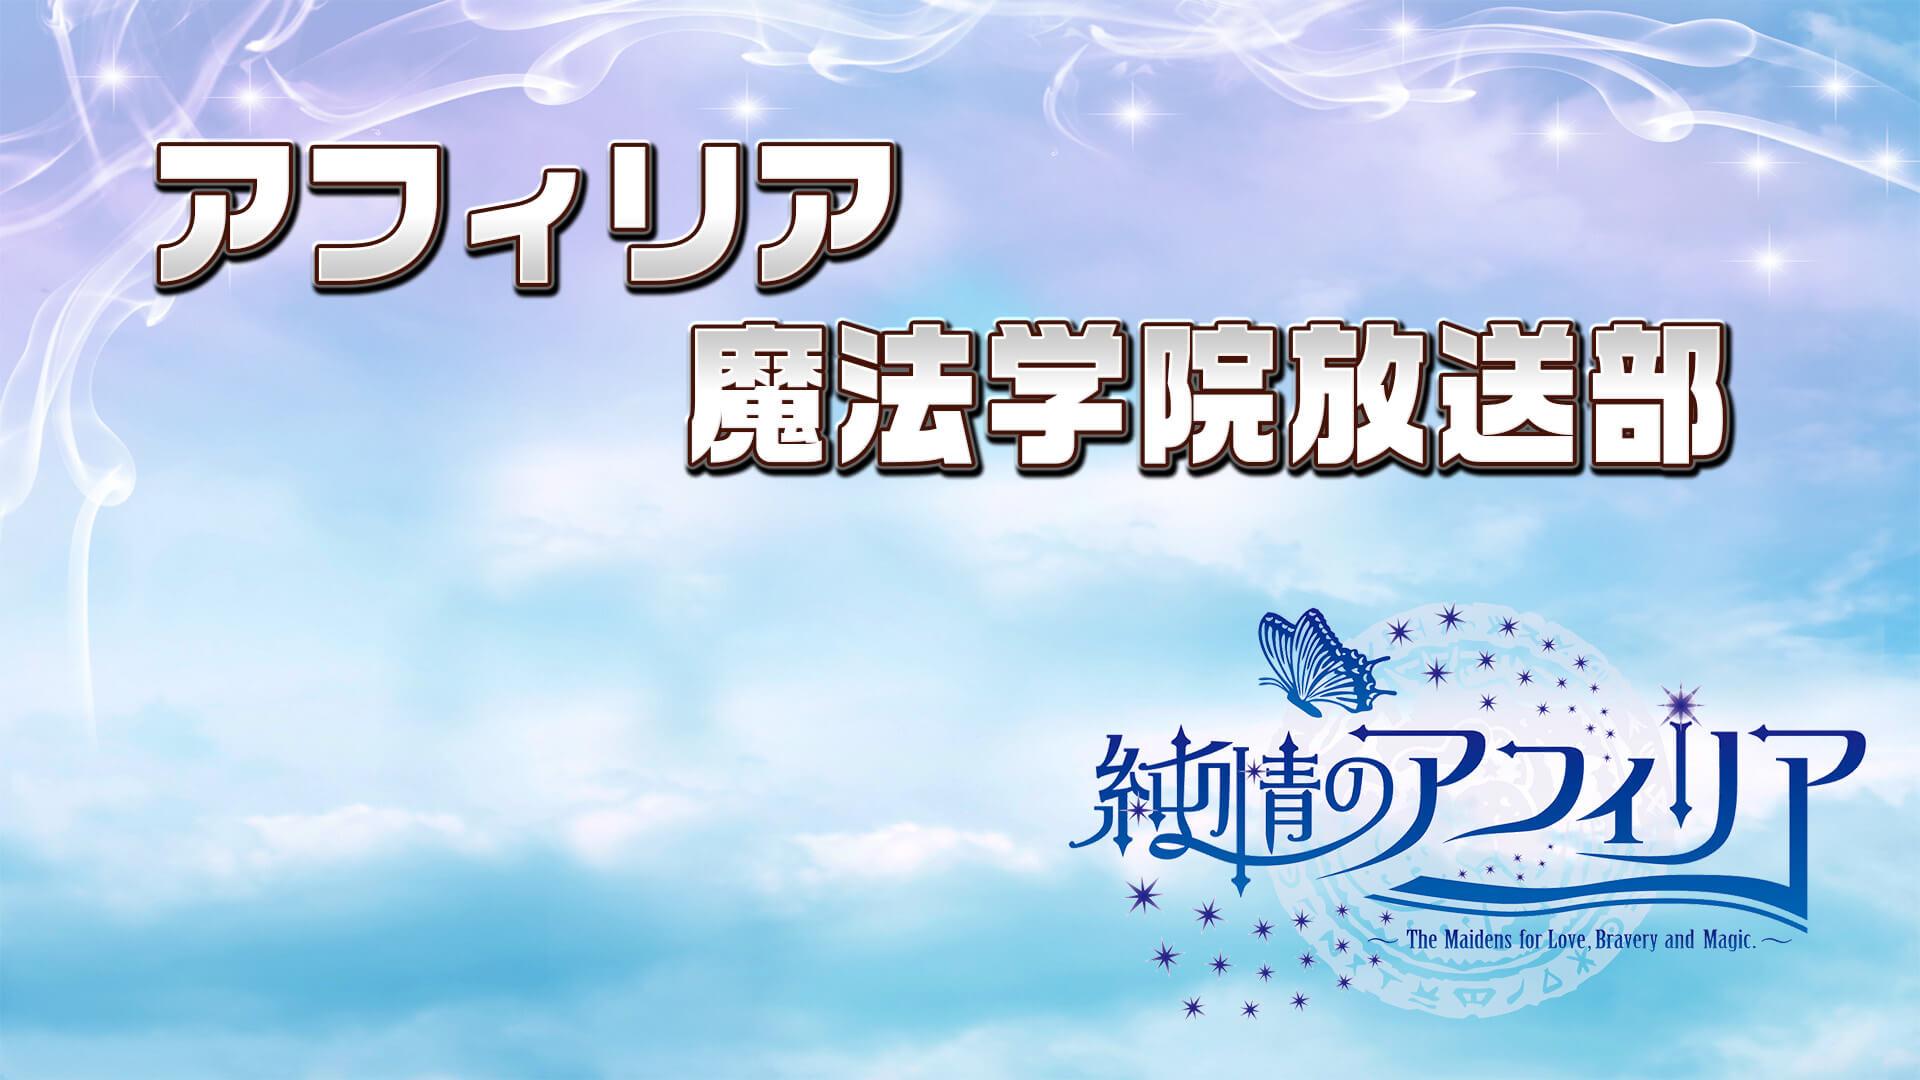 「アフィリア魔法学院放送部」4月11日(日)リピート放送のお知らせ